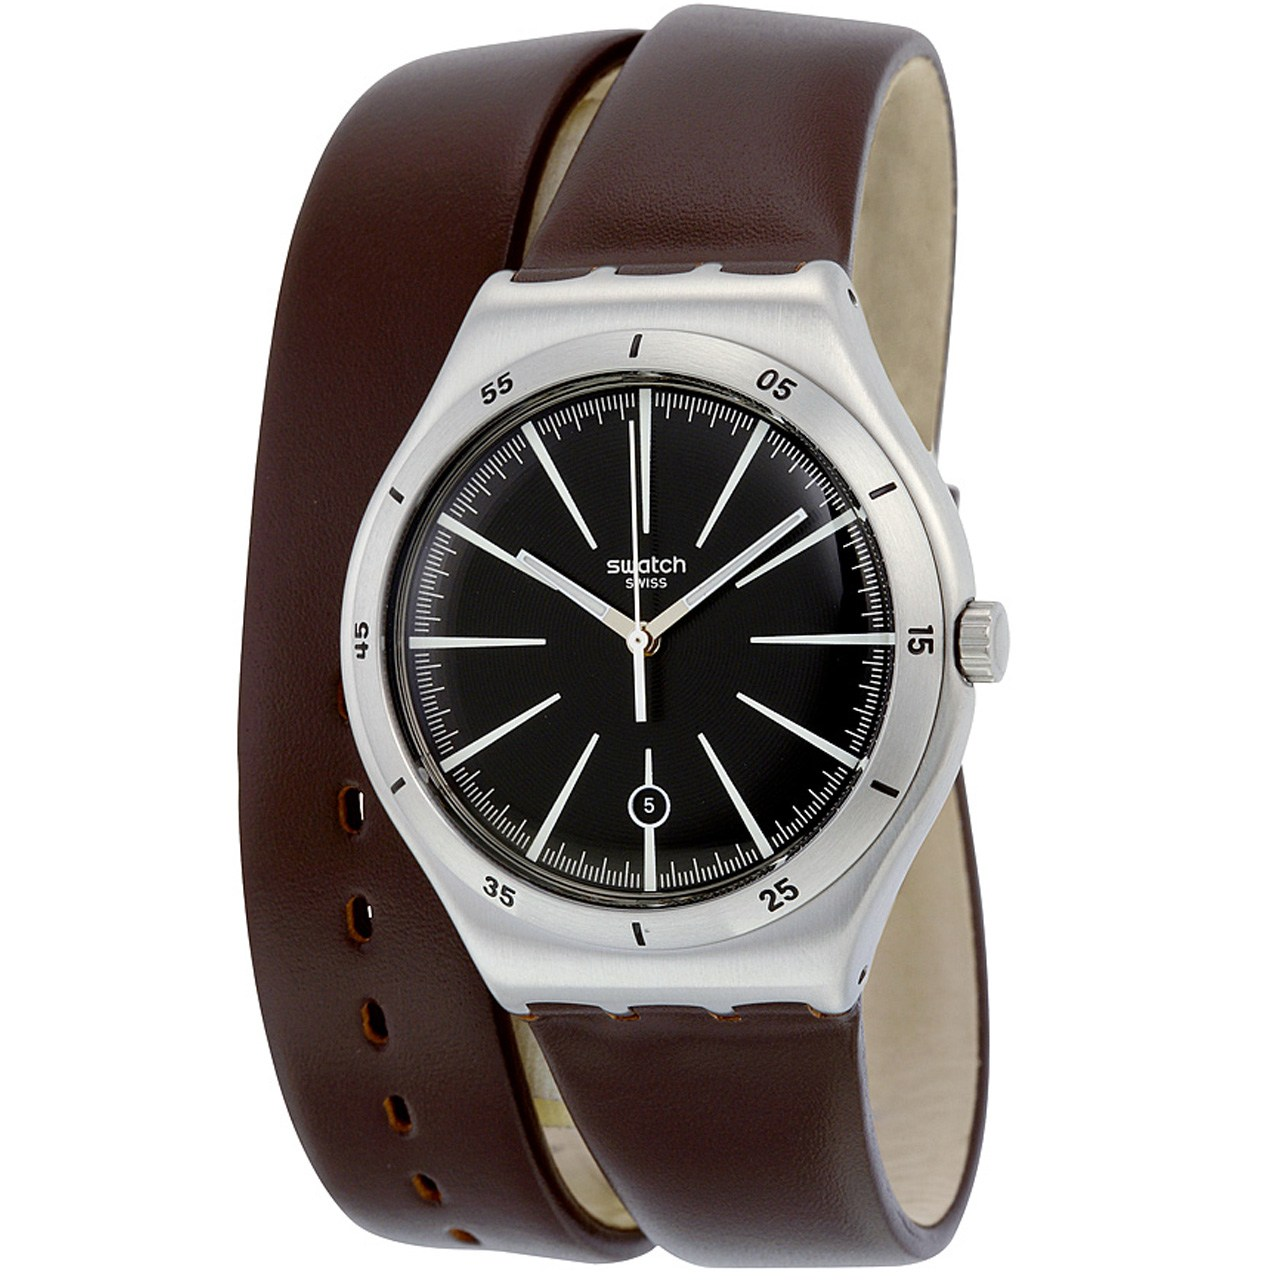 ساعت مچی عقربه ای مردانه سواچ مدل YWS409C 47